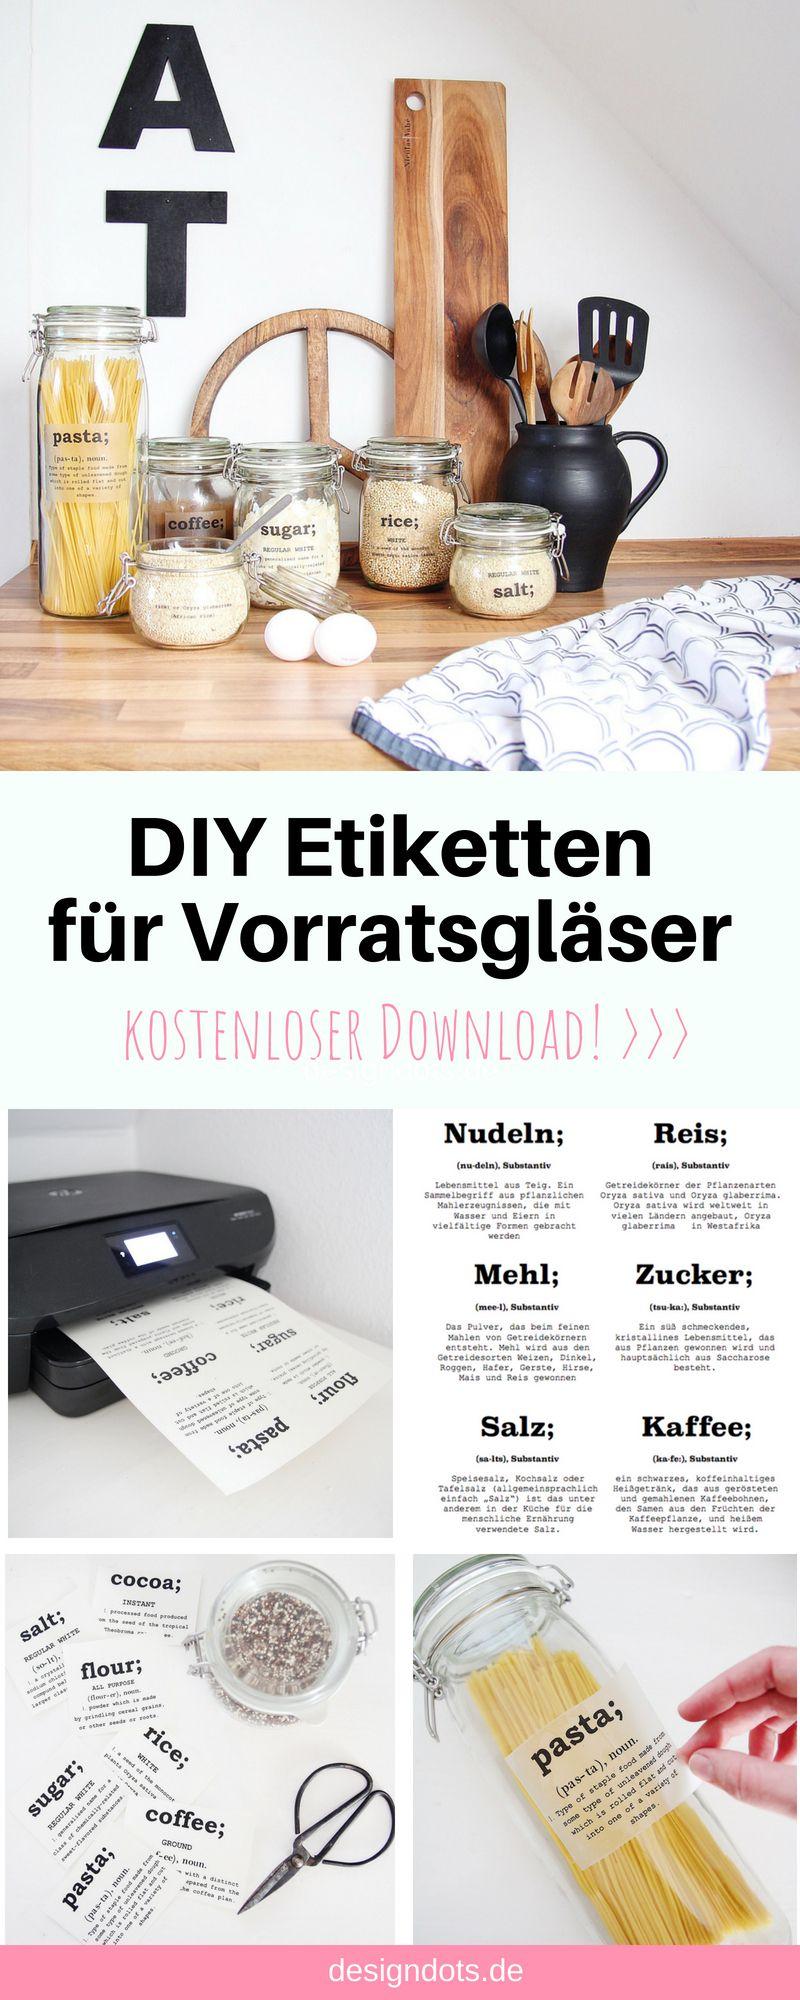 Photo of DIY Etiketten für Vorratsgläser zum ausdrucken